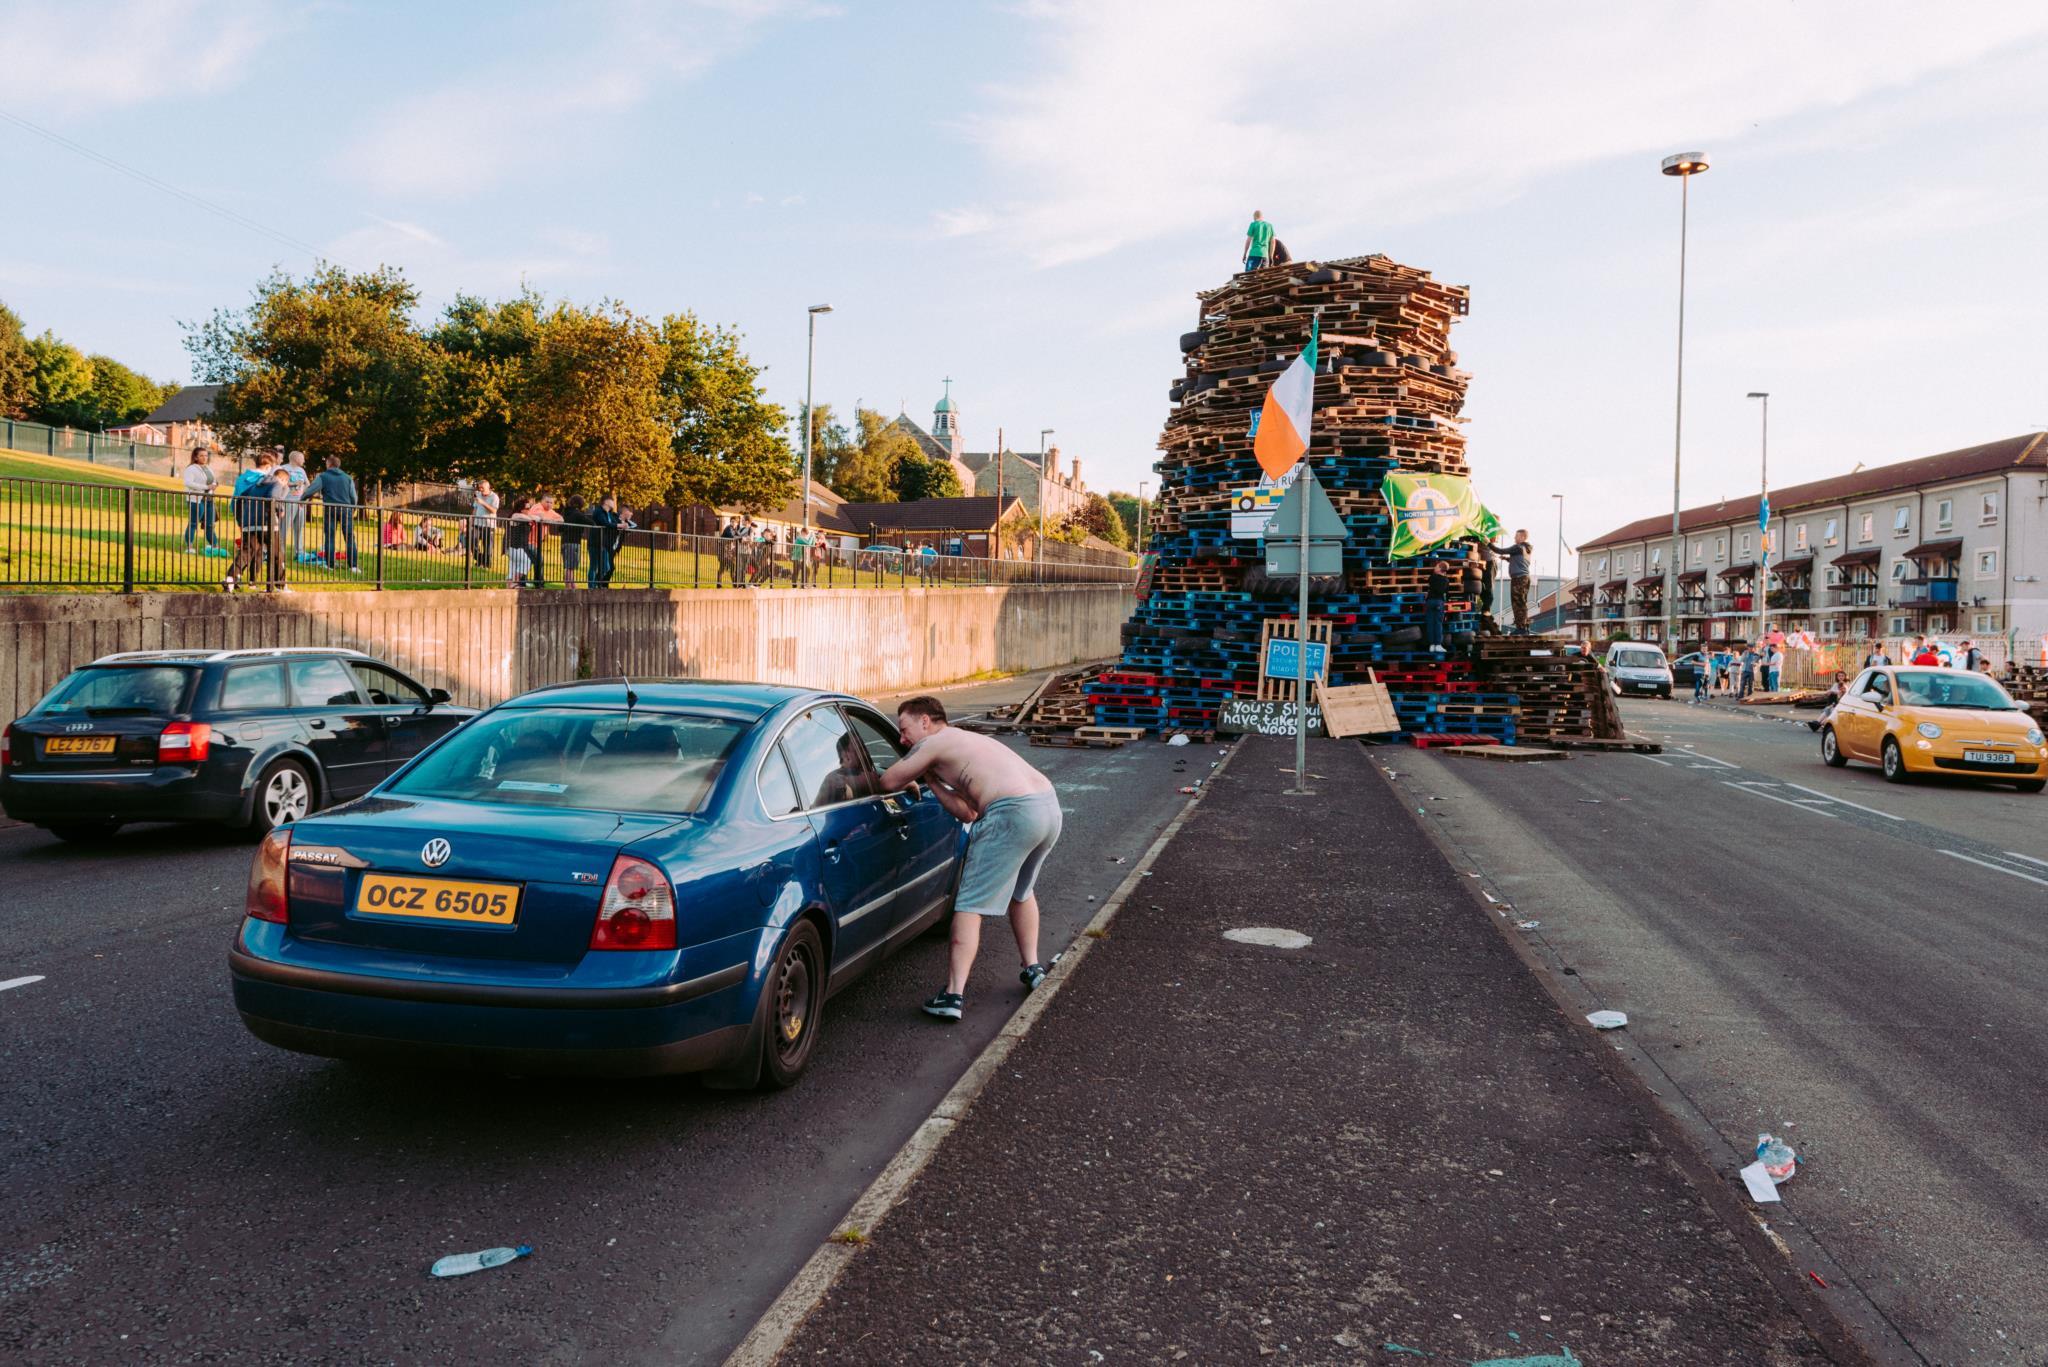 Noite das fogueiras em Derry (1.º prémio - Irlanda)